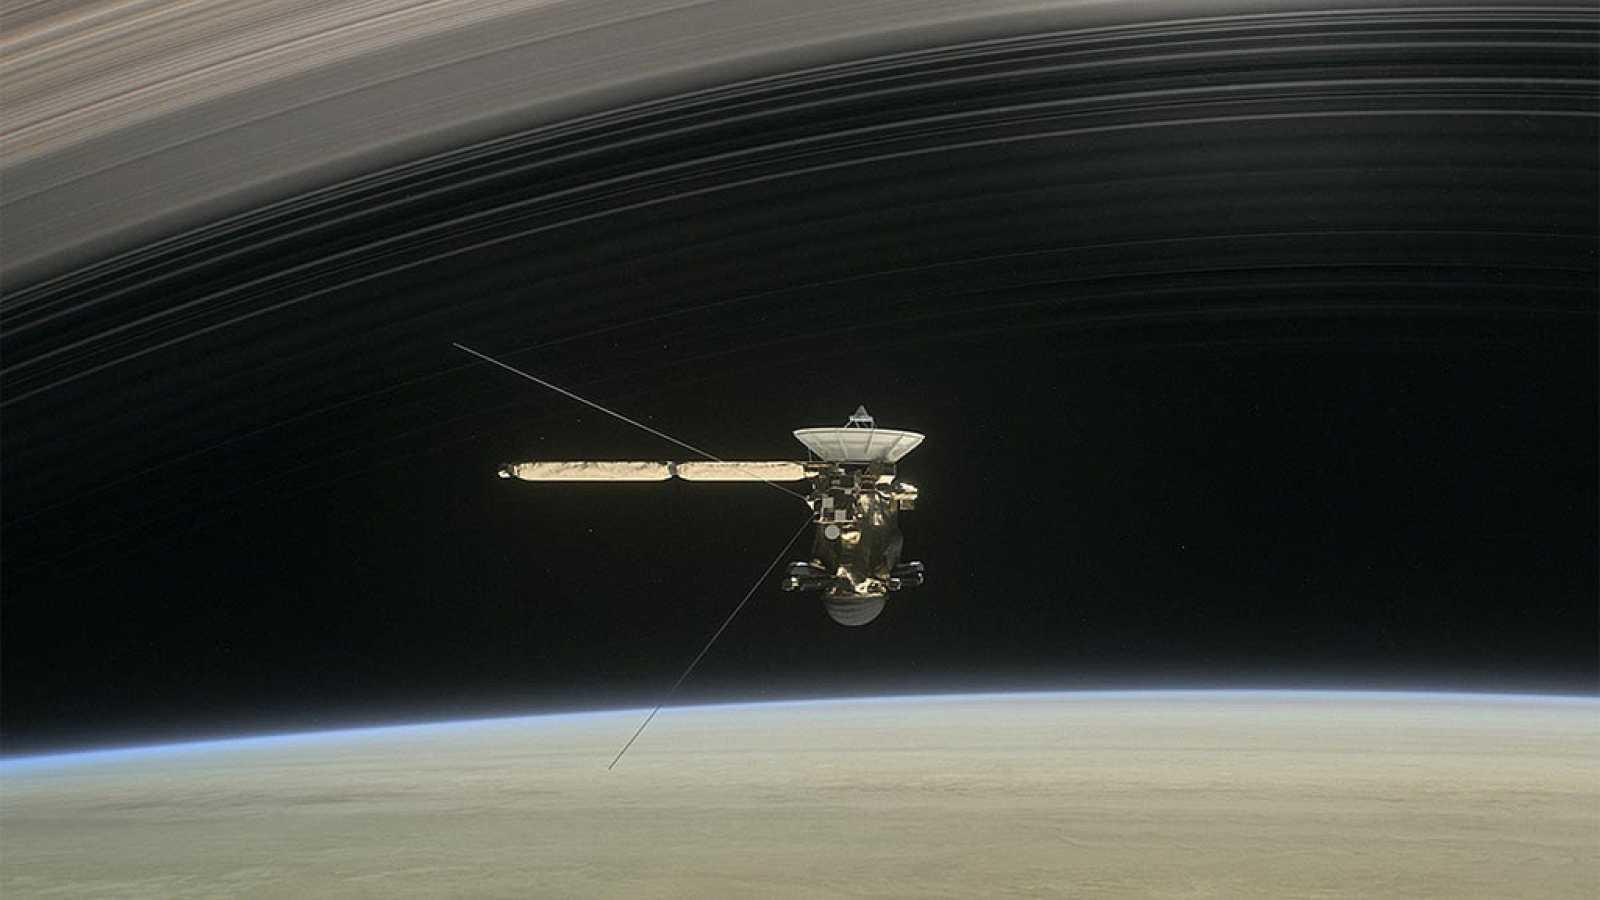 La misión Cassini echa el telón definitivo tras escribir una página de oro para la ciencia